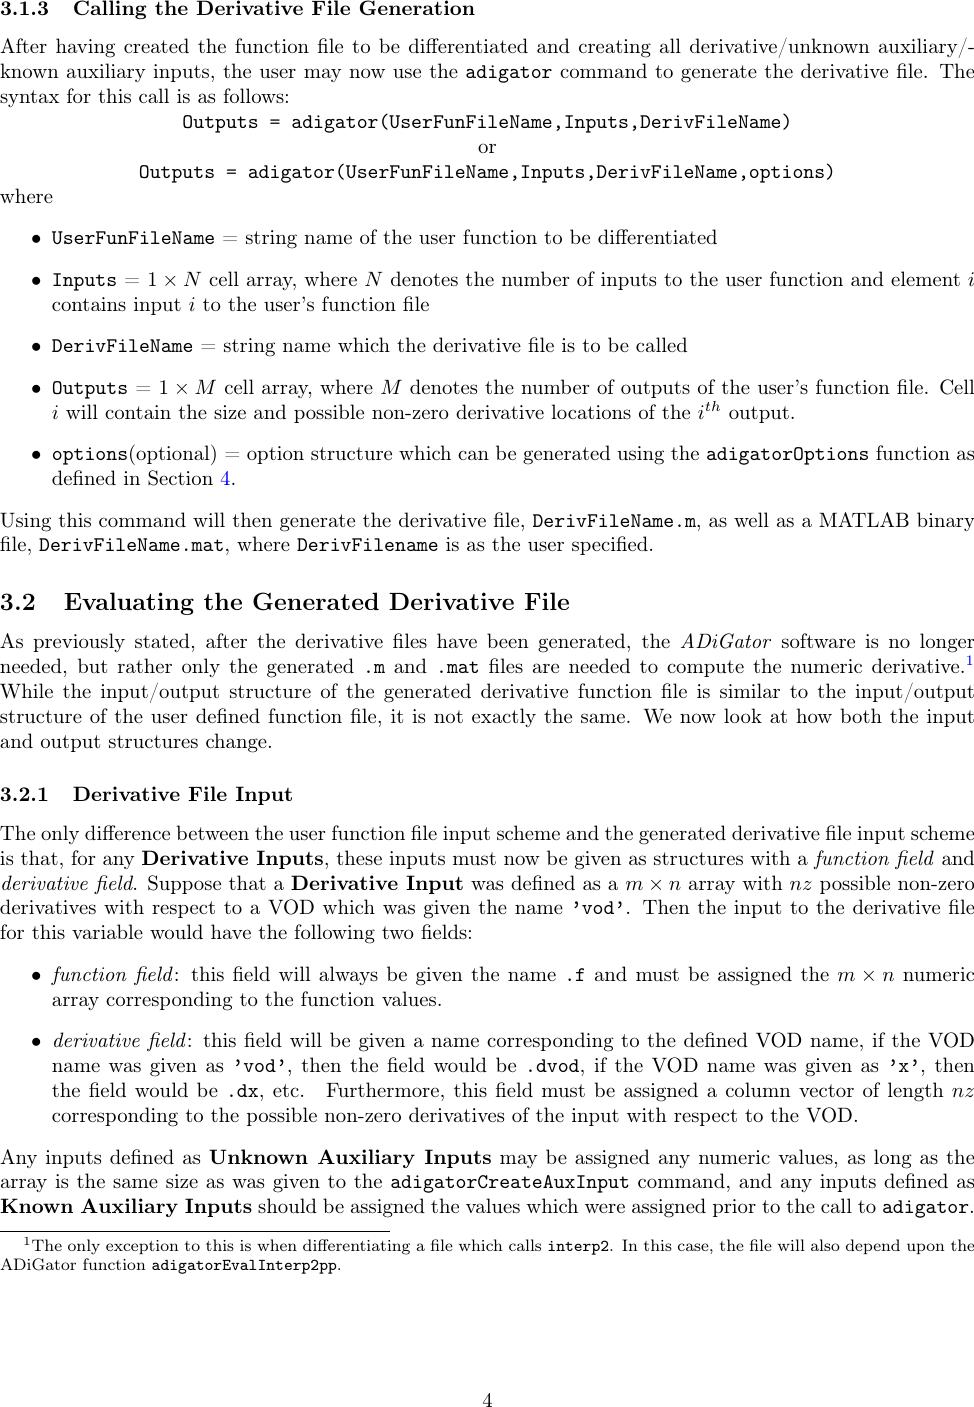 ADi Gator User Guide